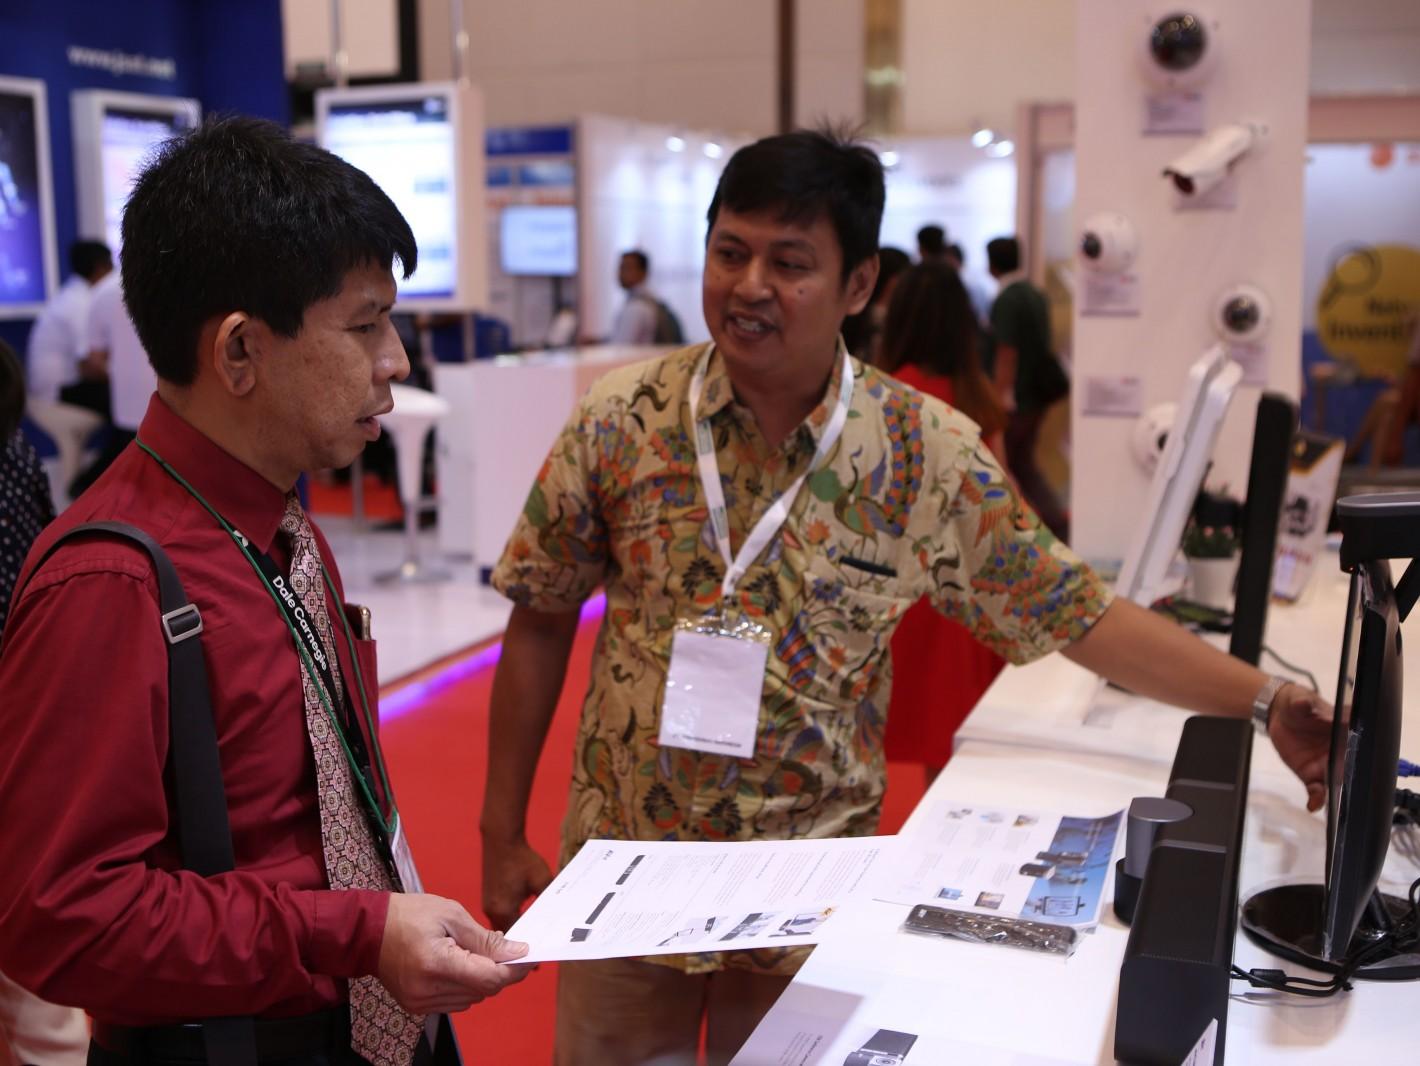 印尼買主對於圓展科技動態網路攝影機極感興趣